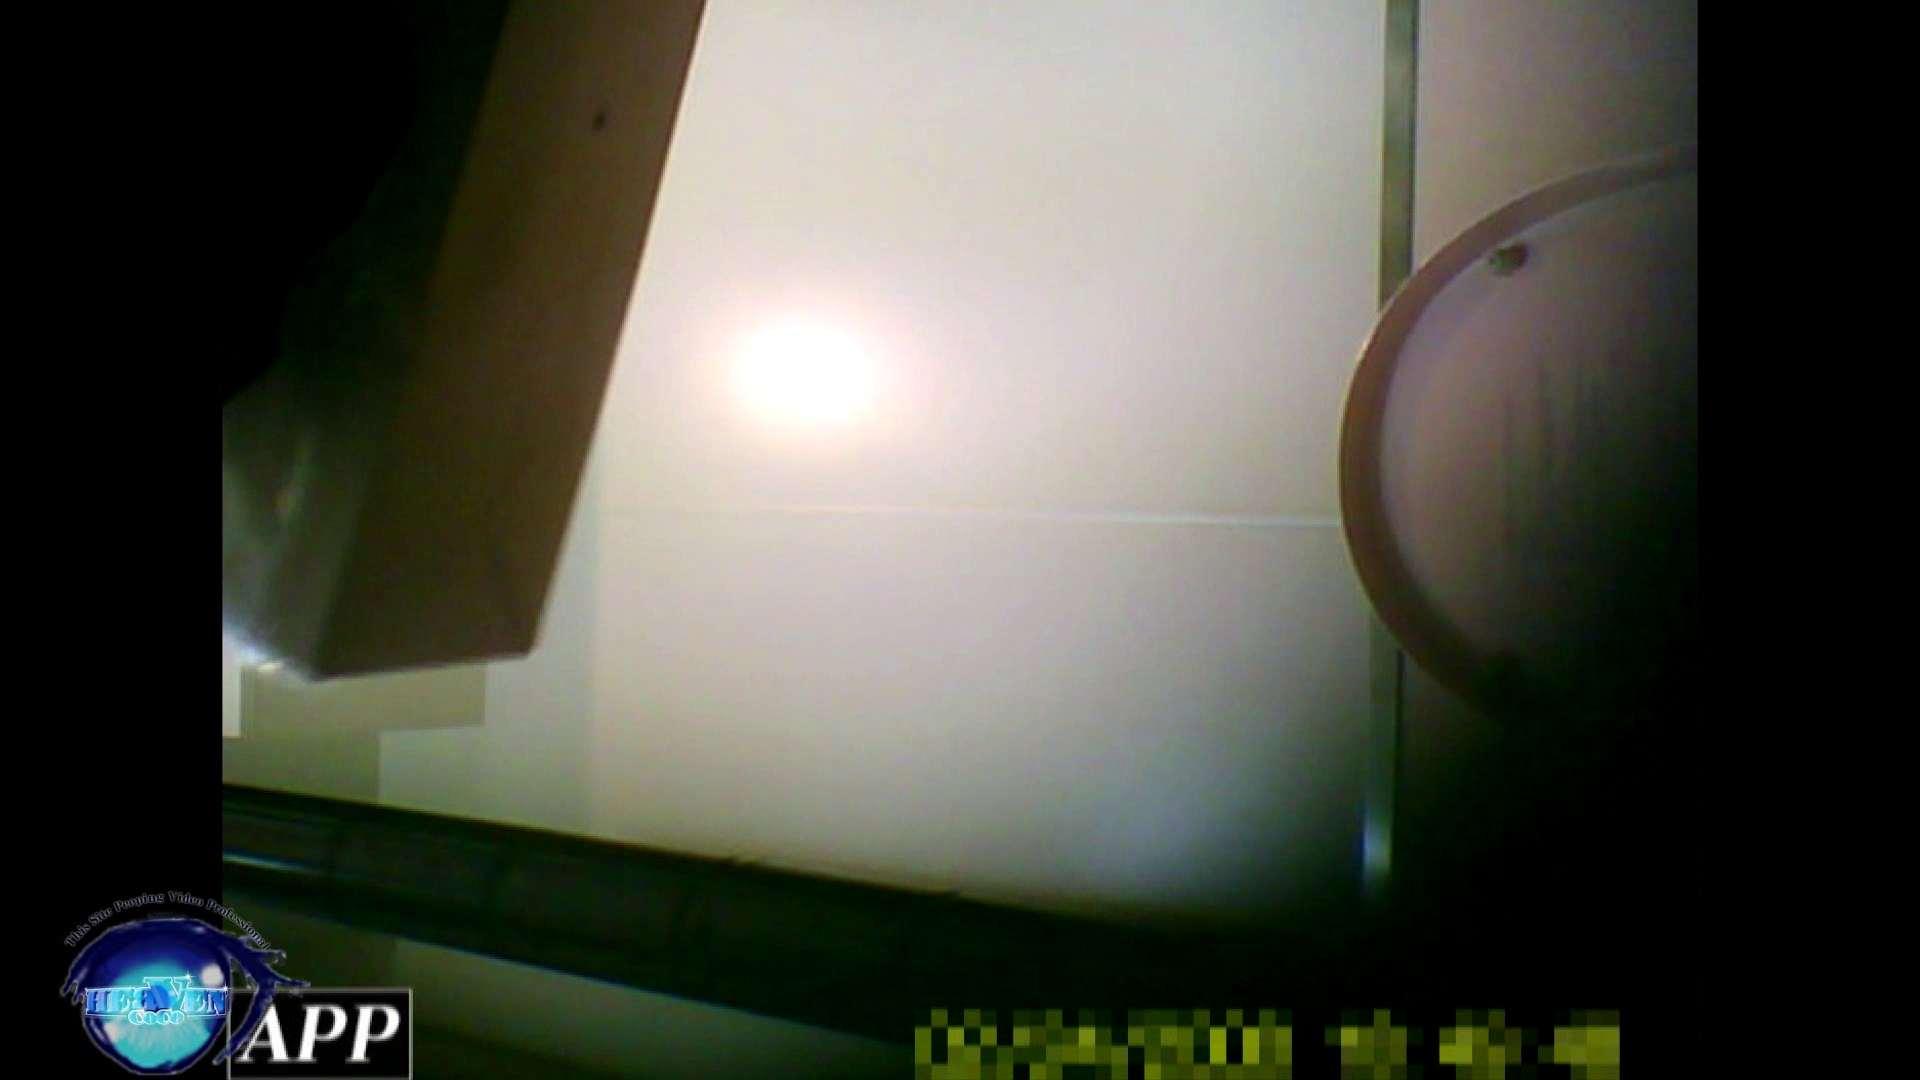 三つ目で盗撮 vol.01 無修正オマンコ セックス画像 106画像 54